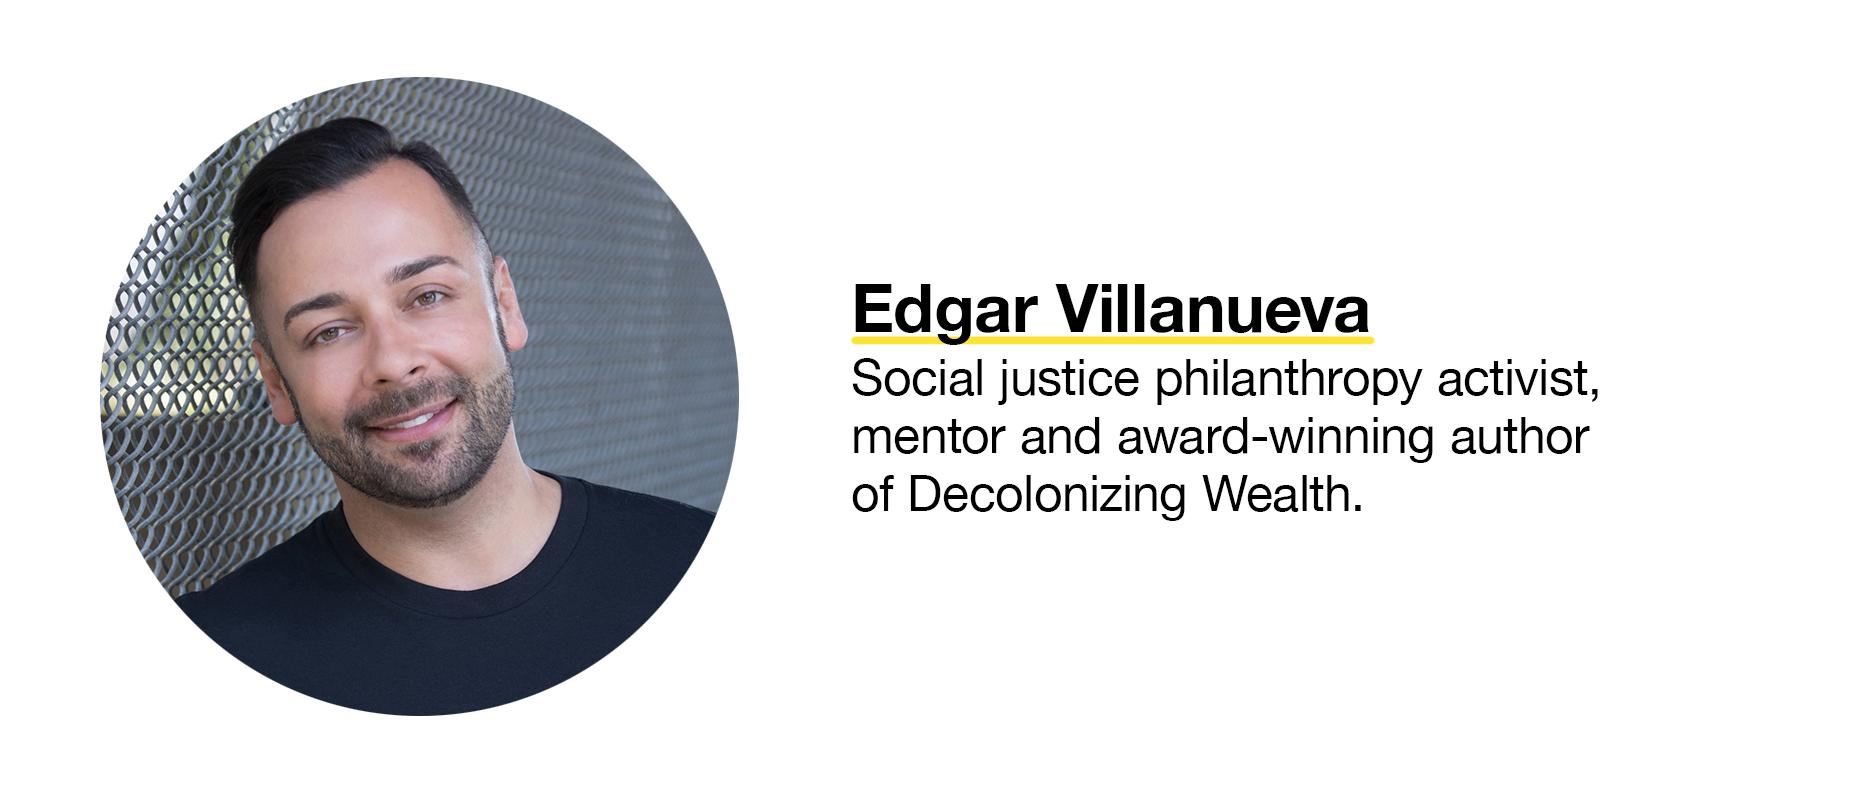 Edgar Villanueva, social justice philanthropy activist, mentor and award-winning author of Decolonizing Wealth.